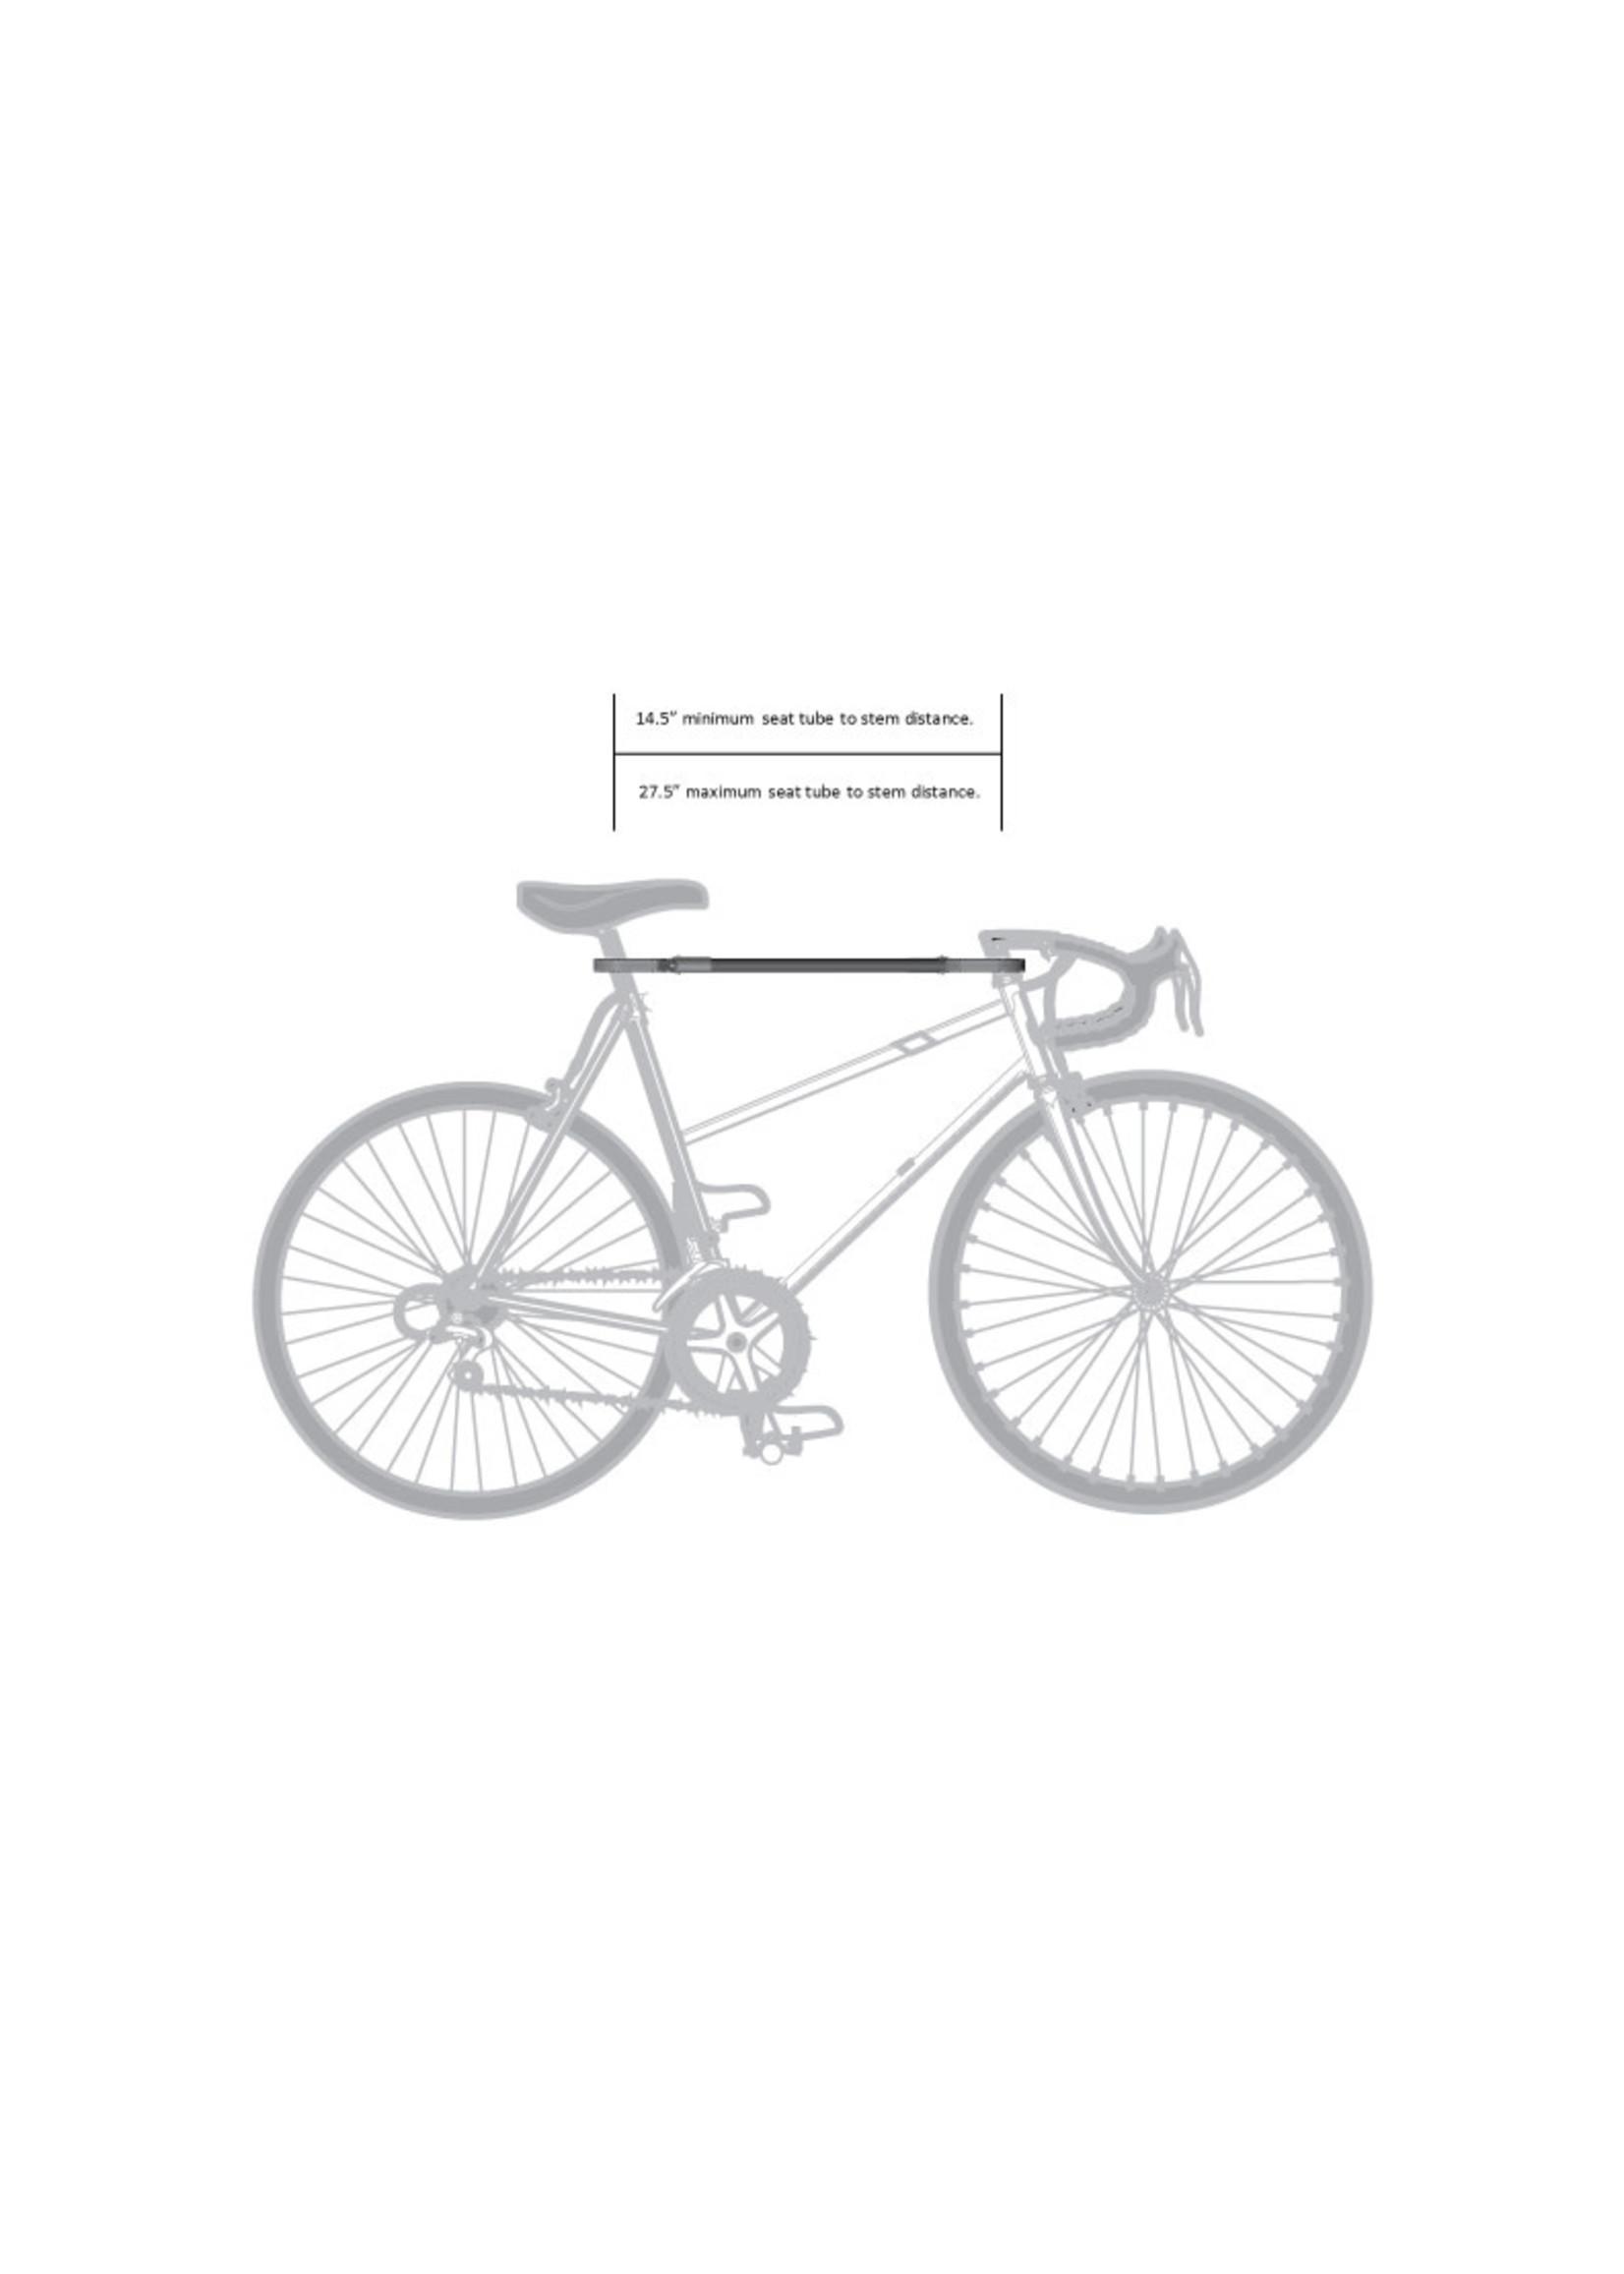 Saris Saris Bike Beam